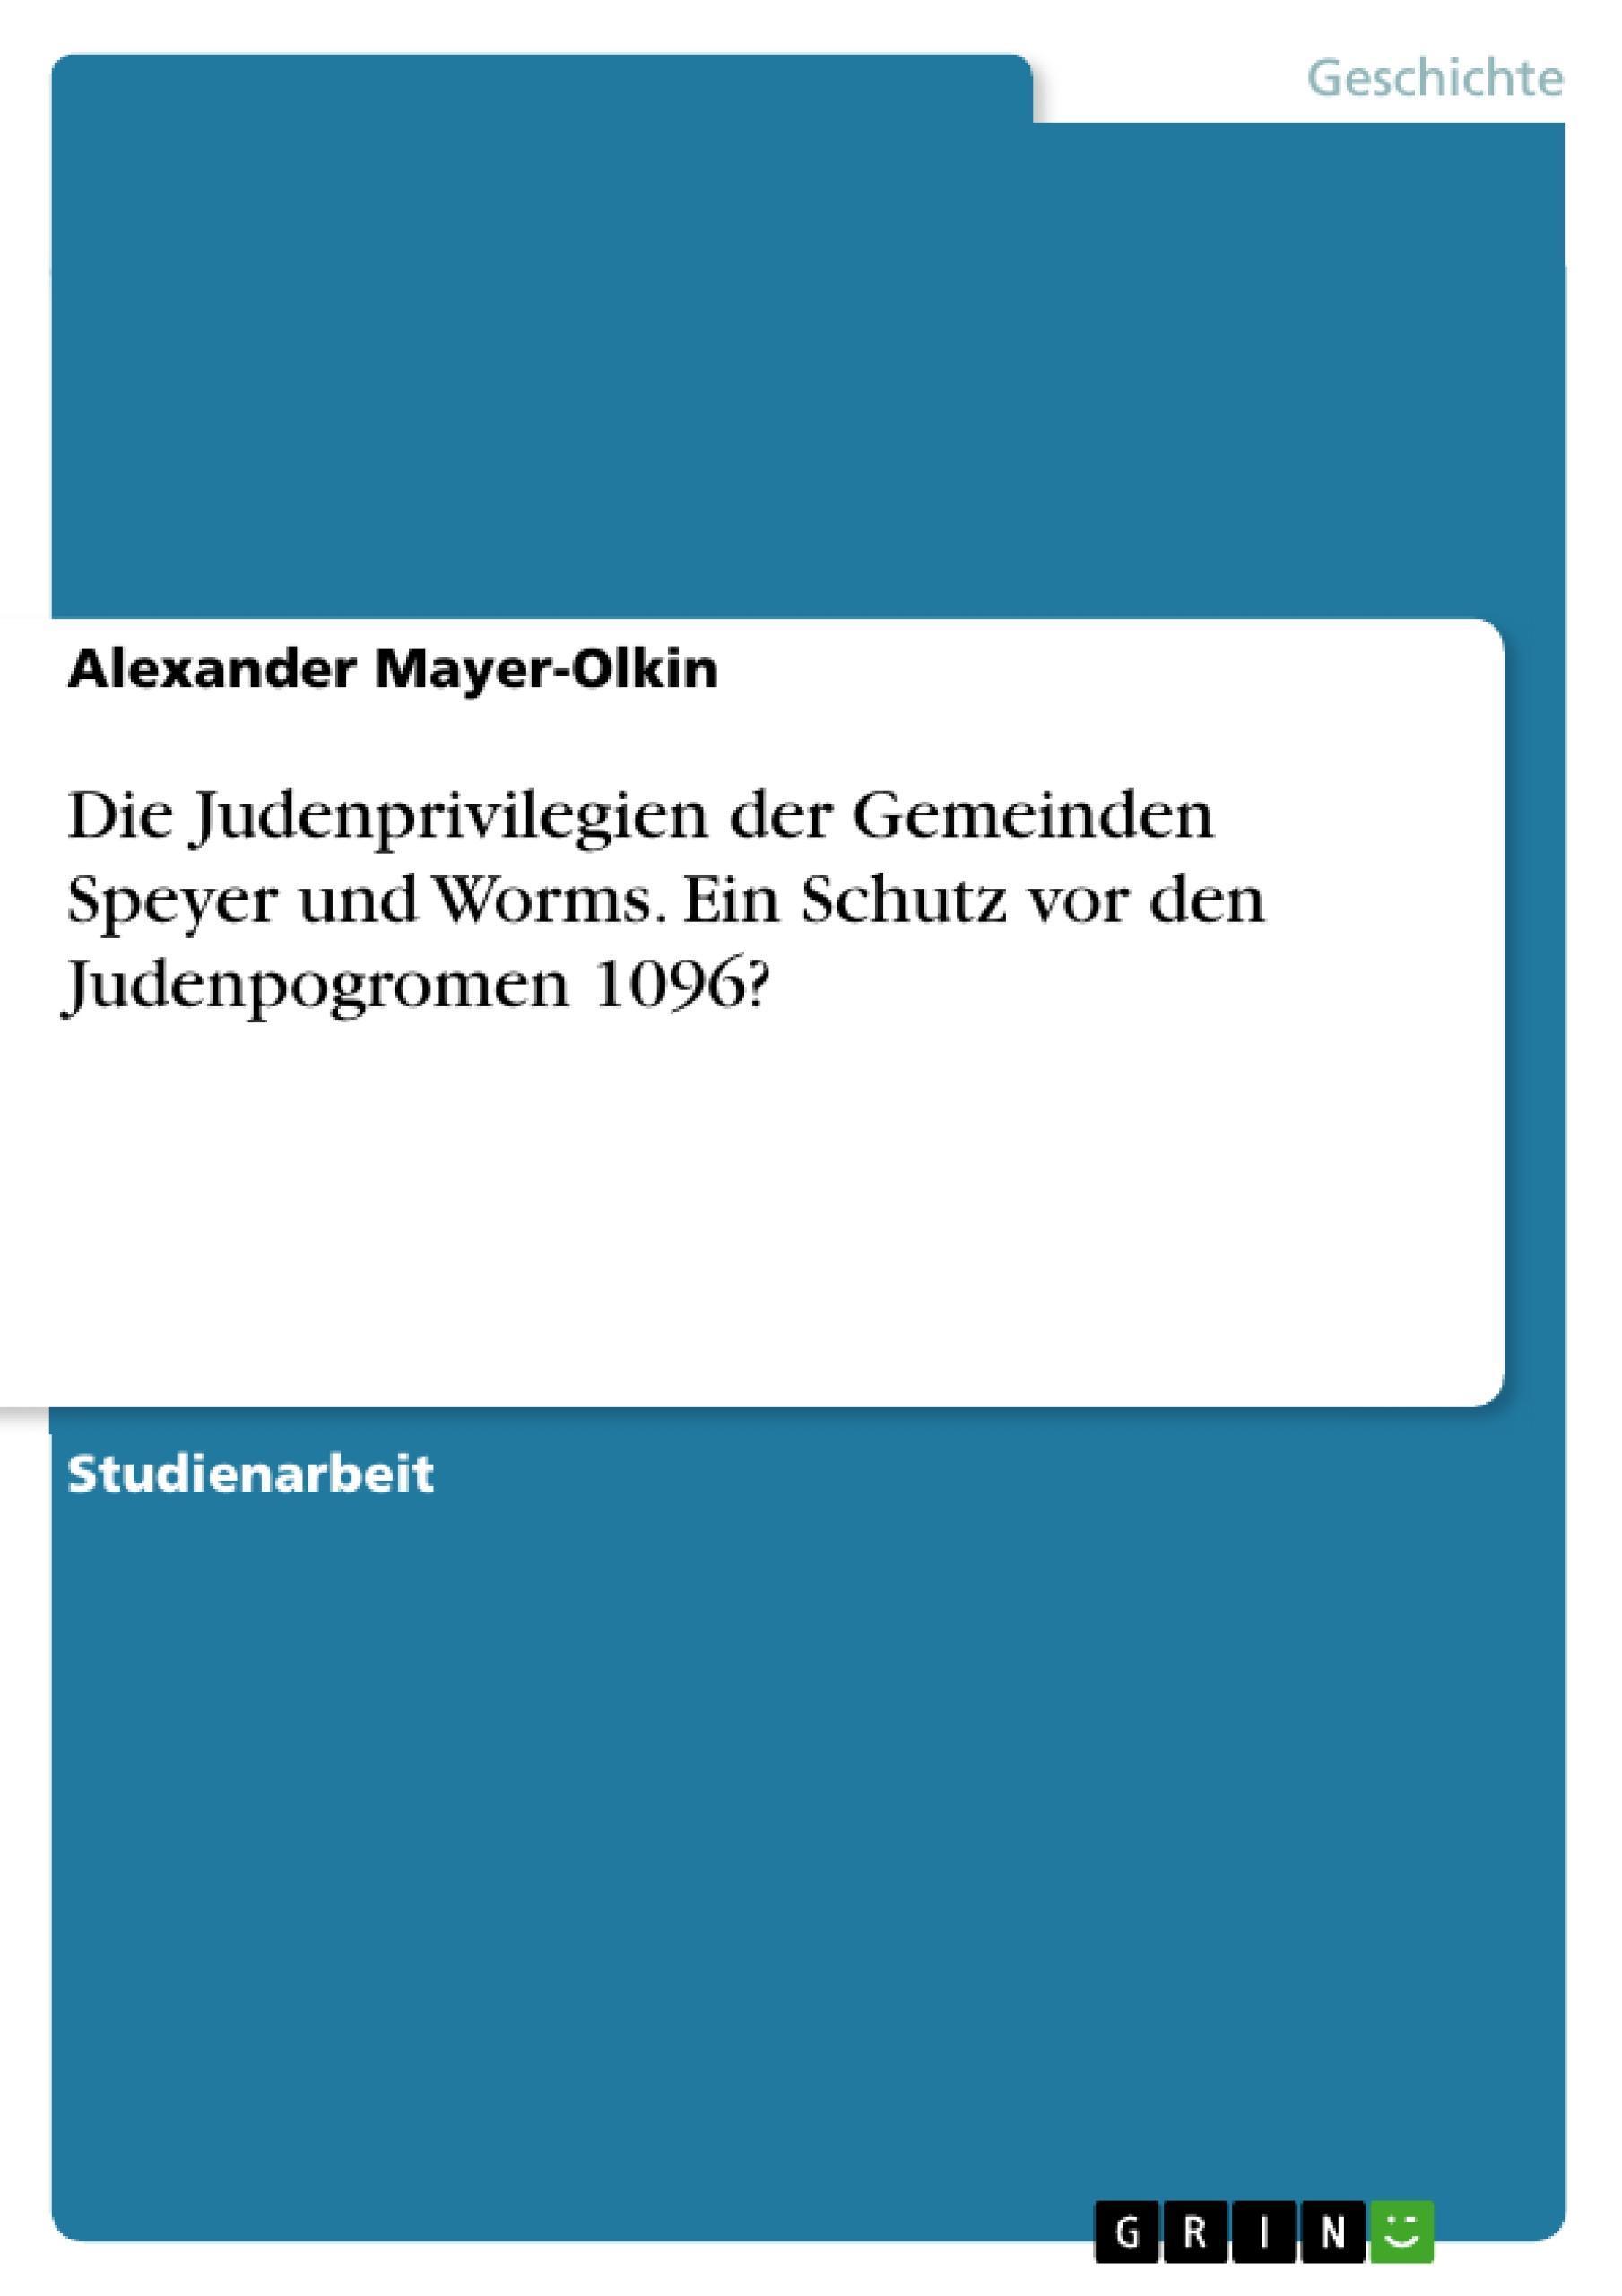 Die Judenprivilegien der Gemeinden Speyer und Worms. Ein Schutz vor den Jud ...